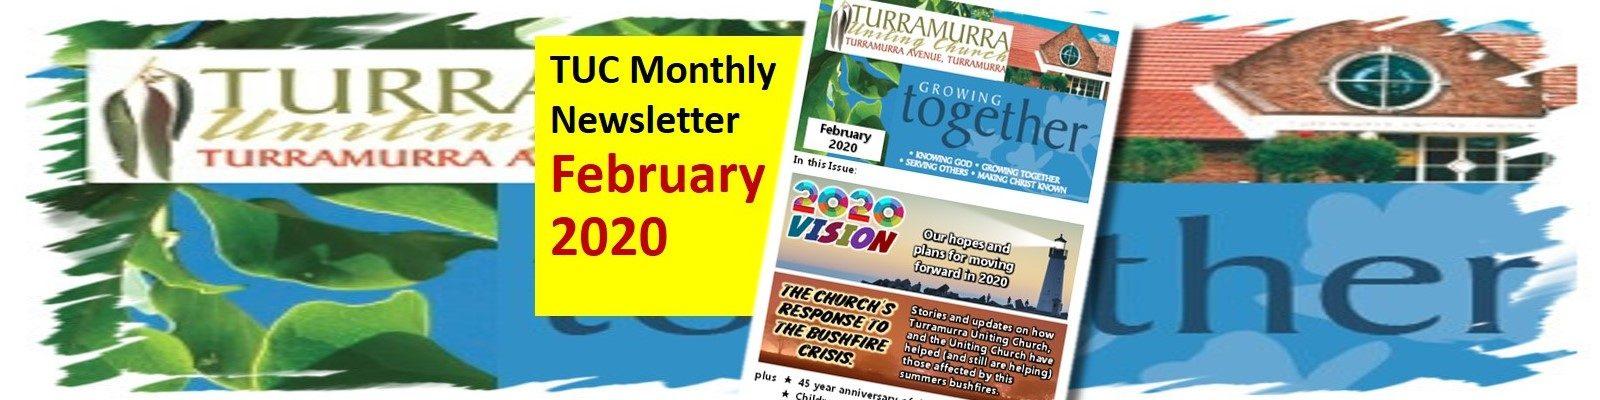 Feb 2020 Newsletter